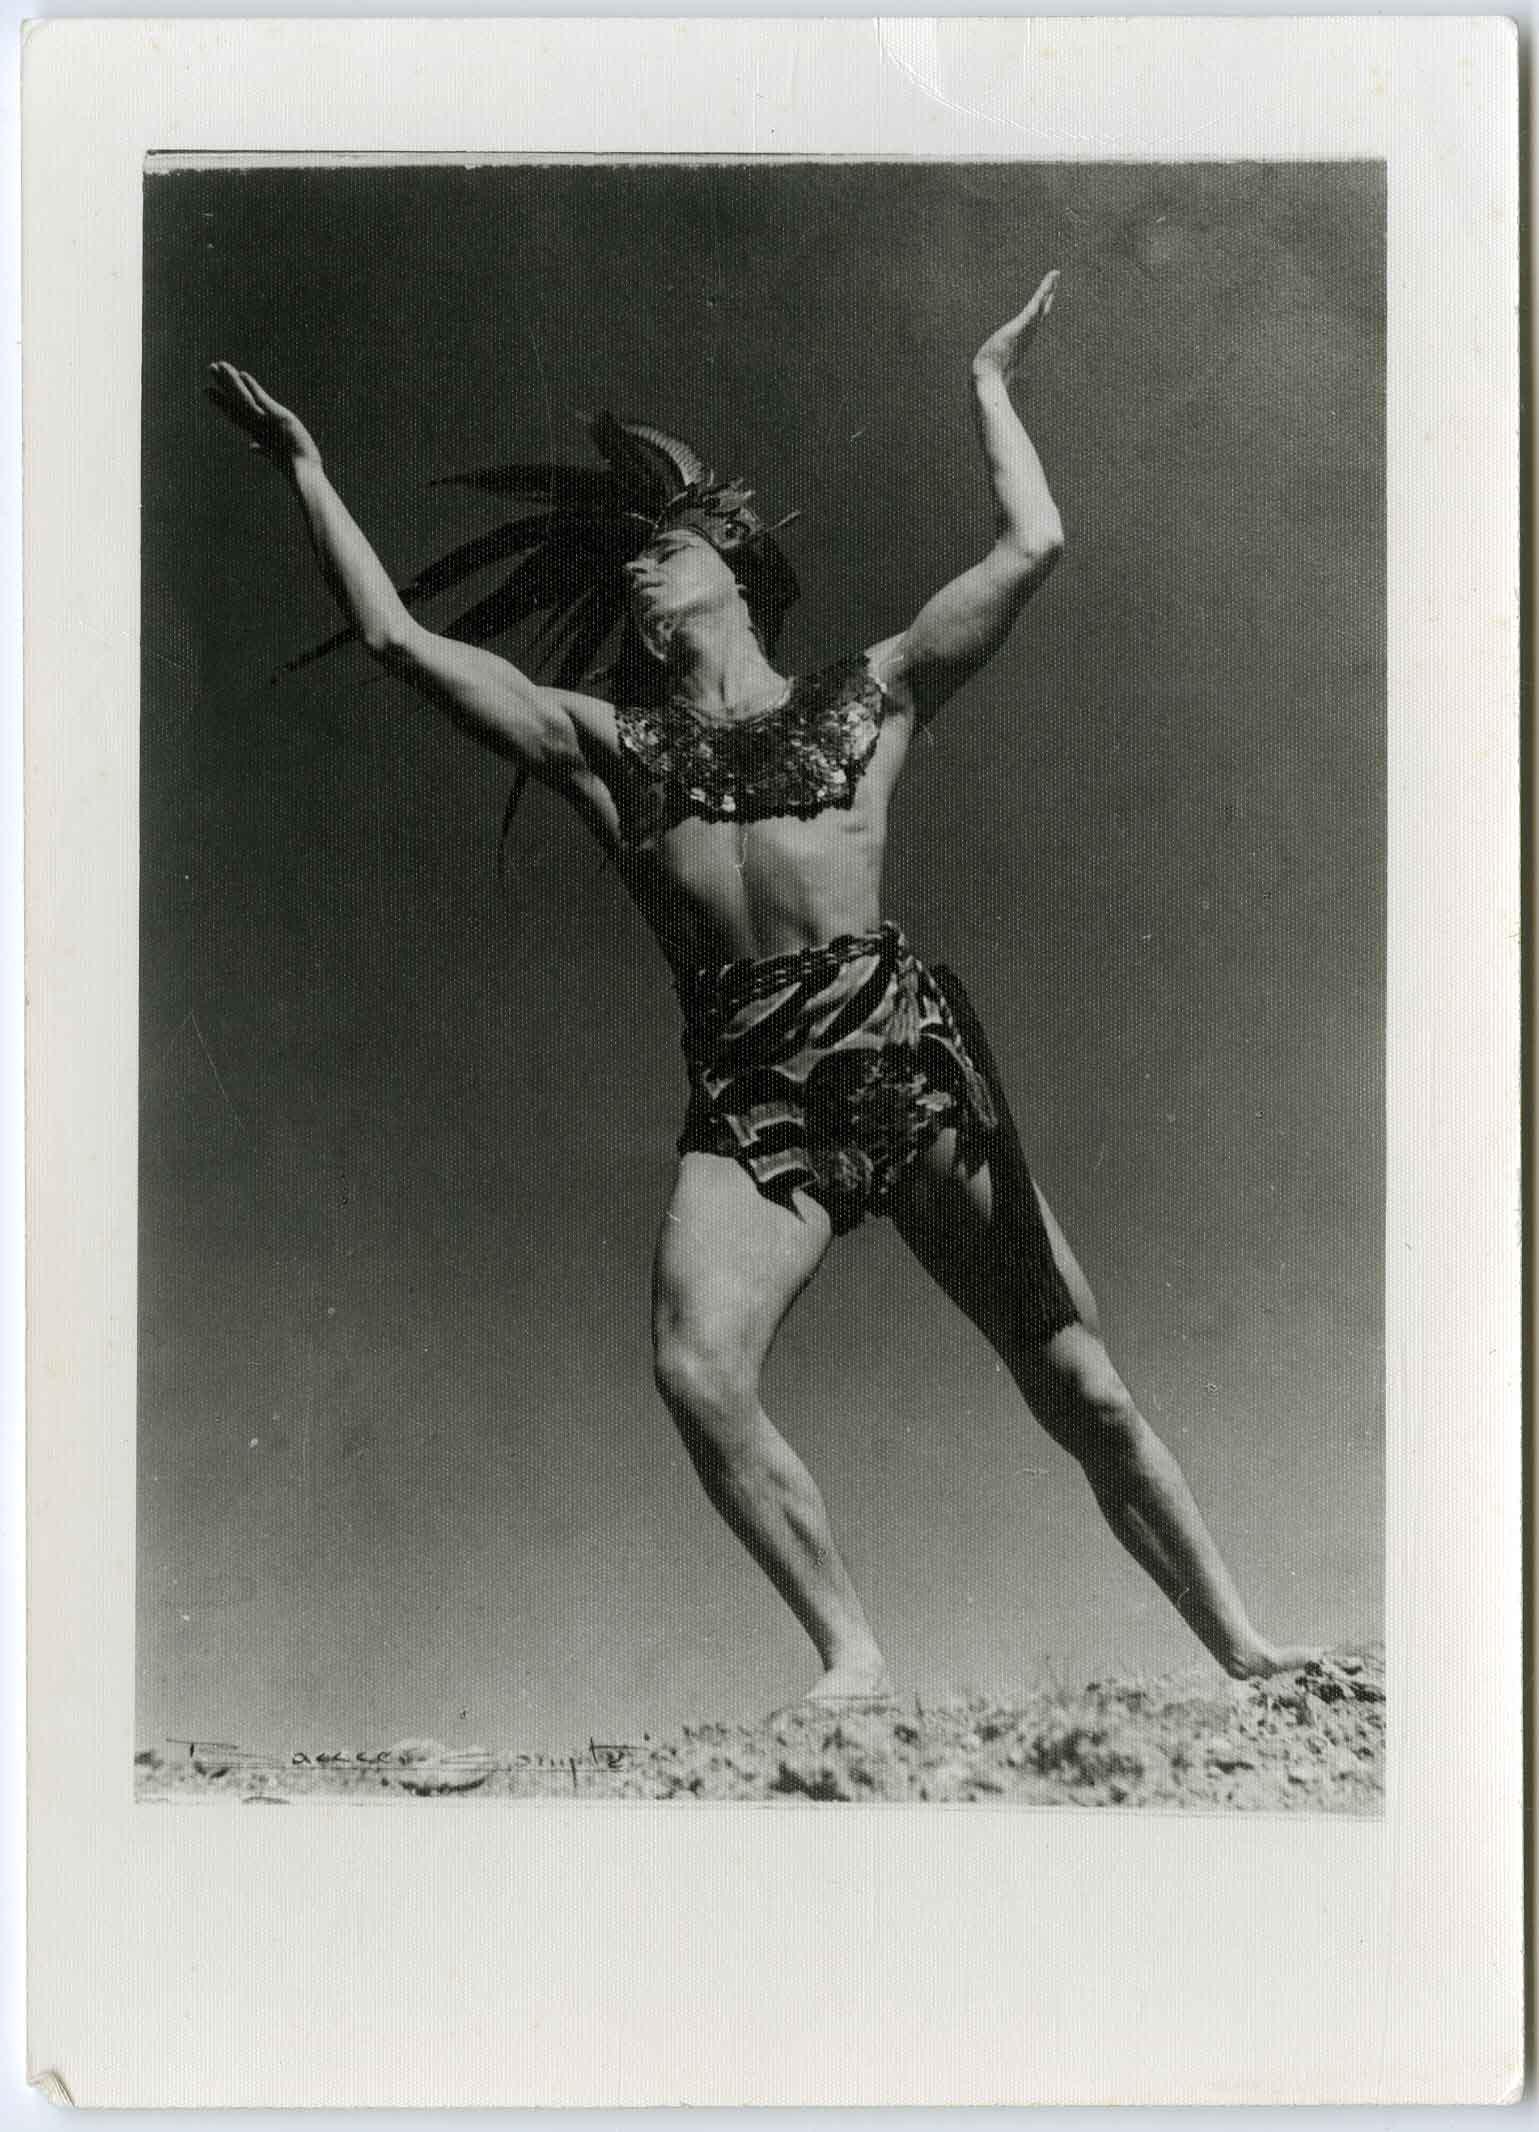 Fotografia de Batlle i Compte de Joan Magriñà caracteritzat per al ballet Himne al Sol estrenat el 1942